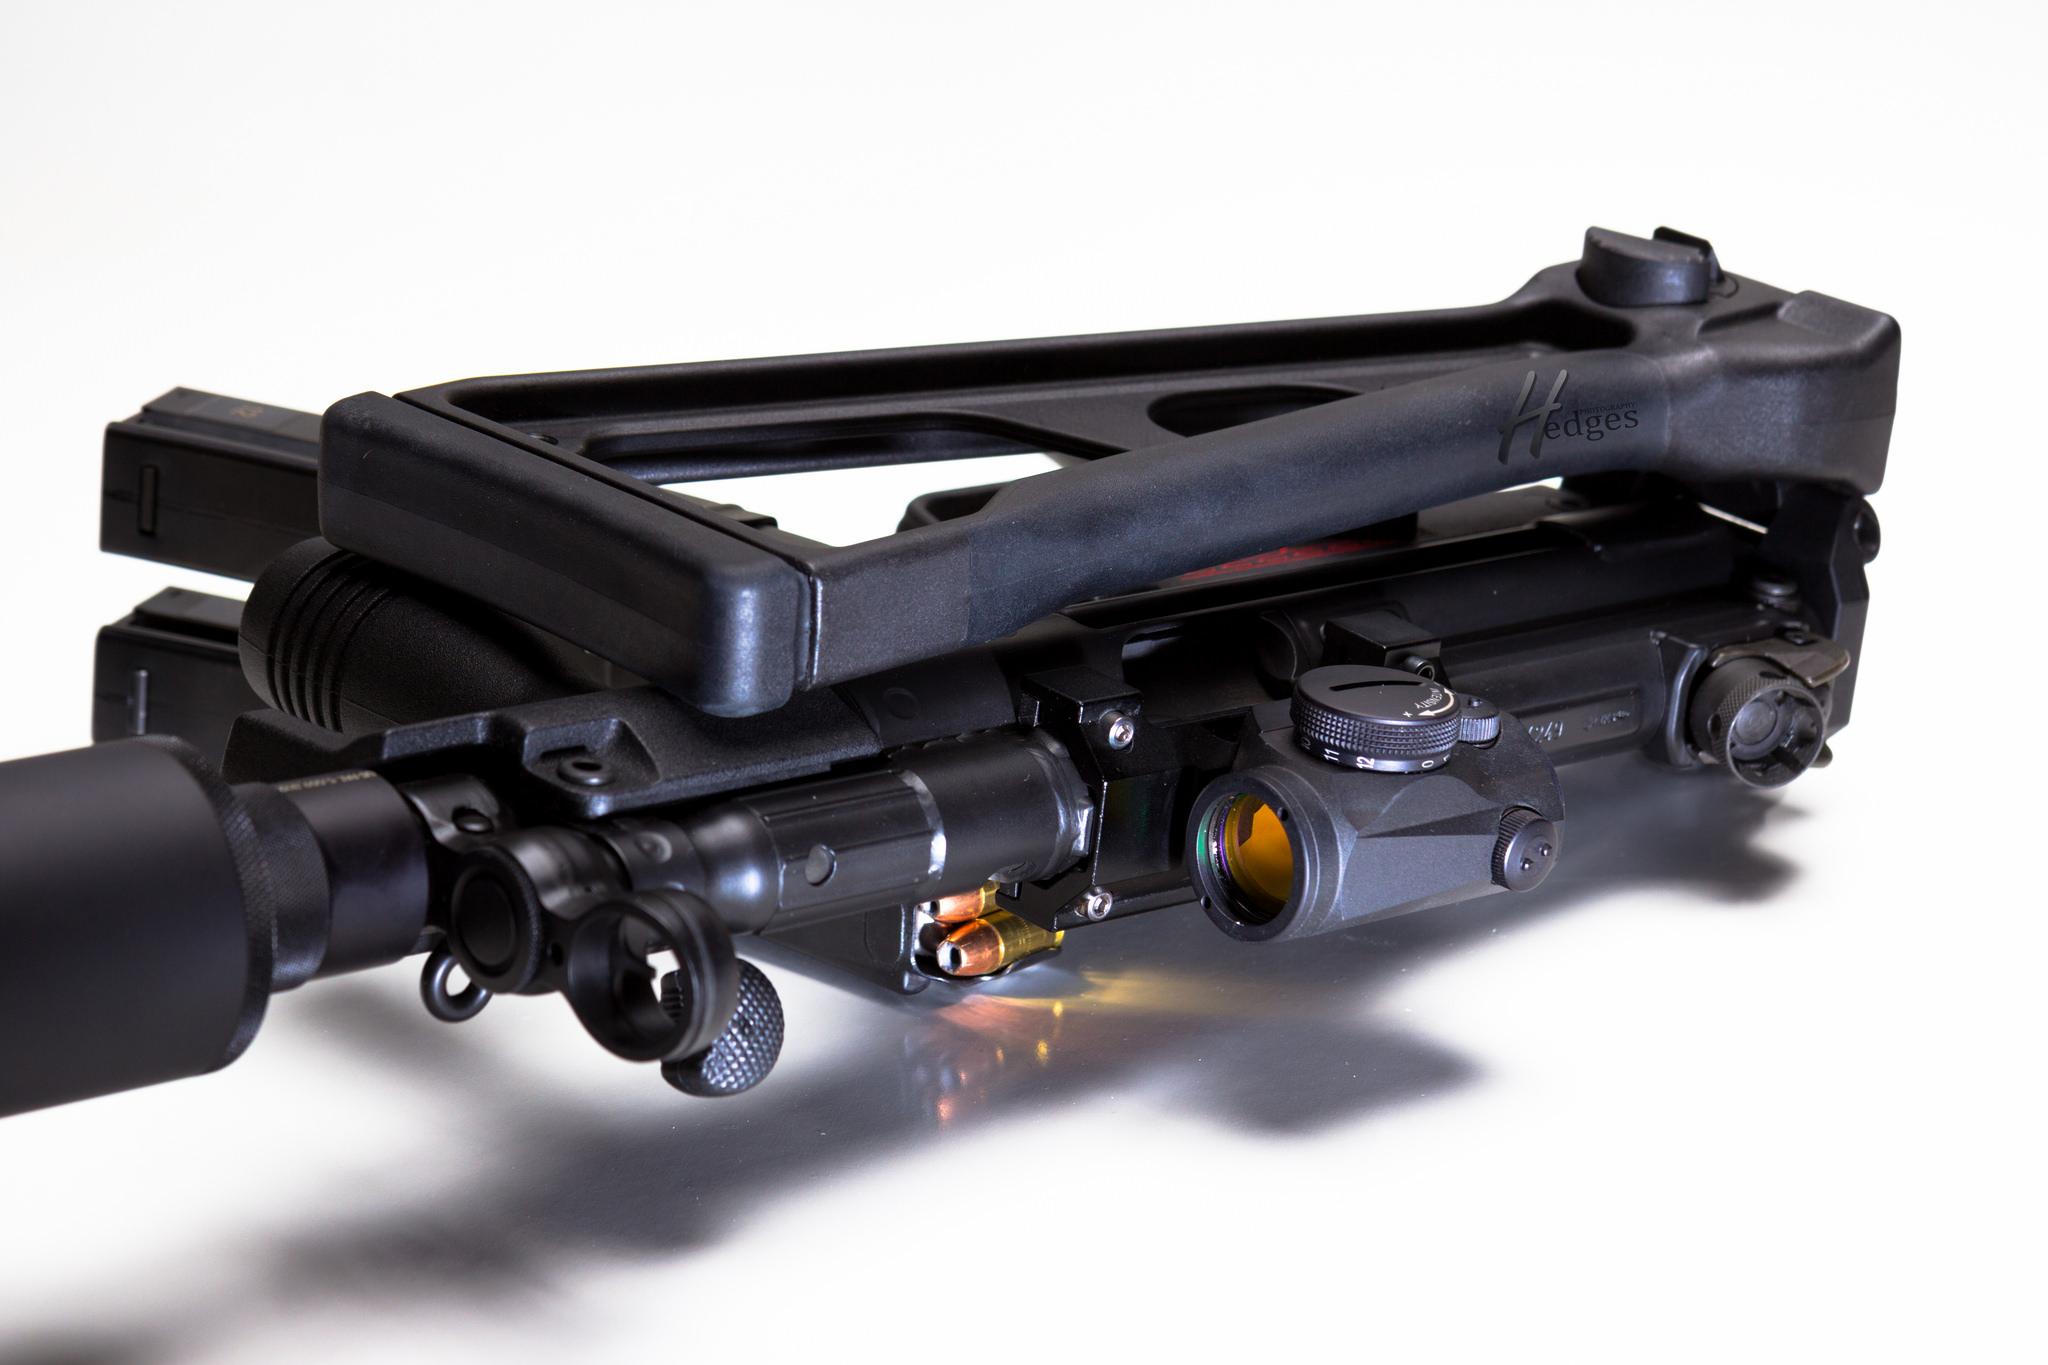 MP5k with Gemtech Mk9K-8484025610_d300f68a97_k.jpg